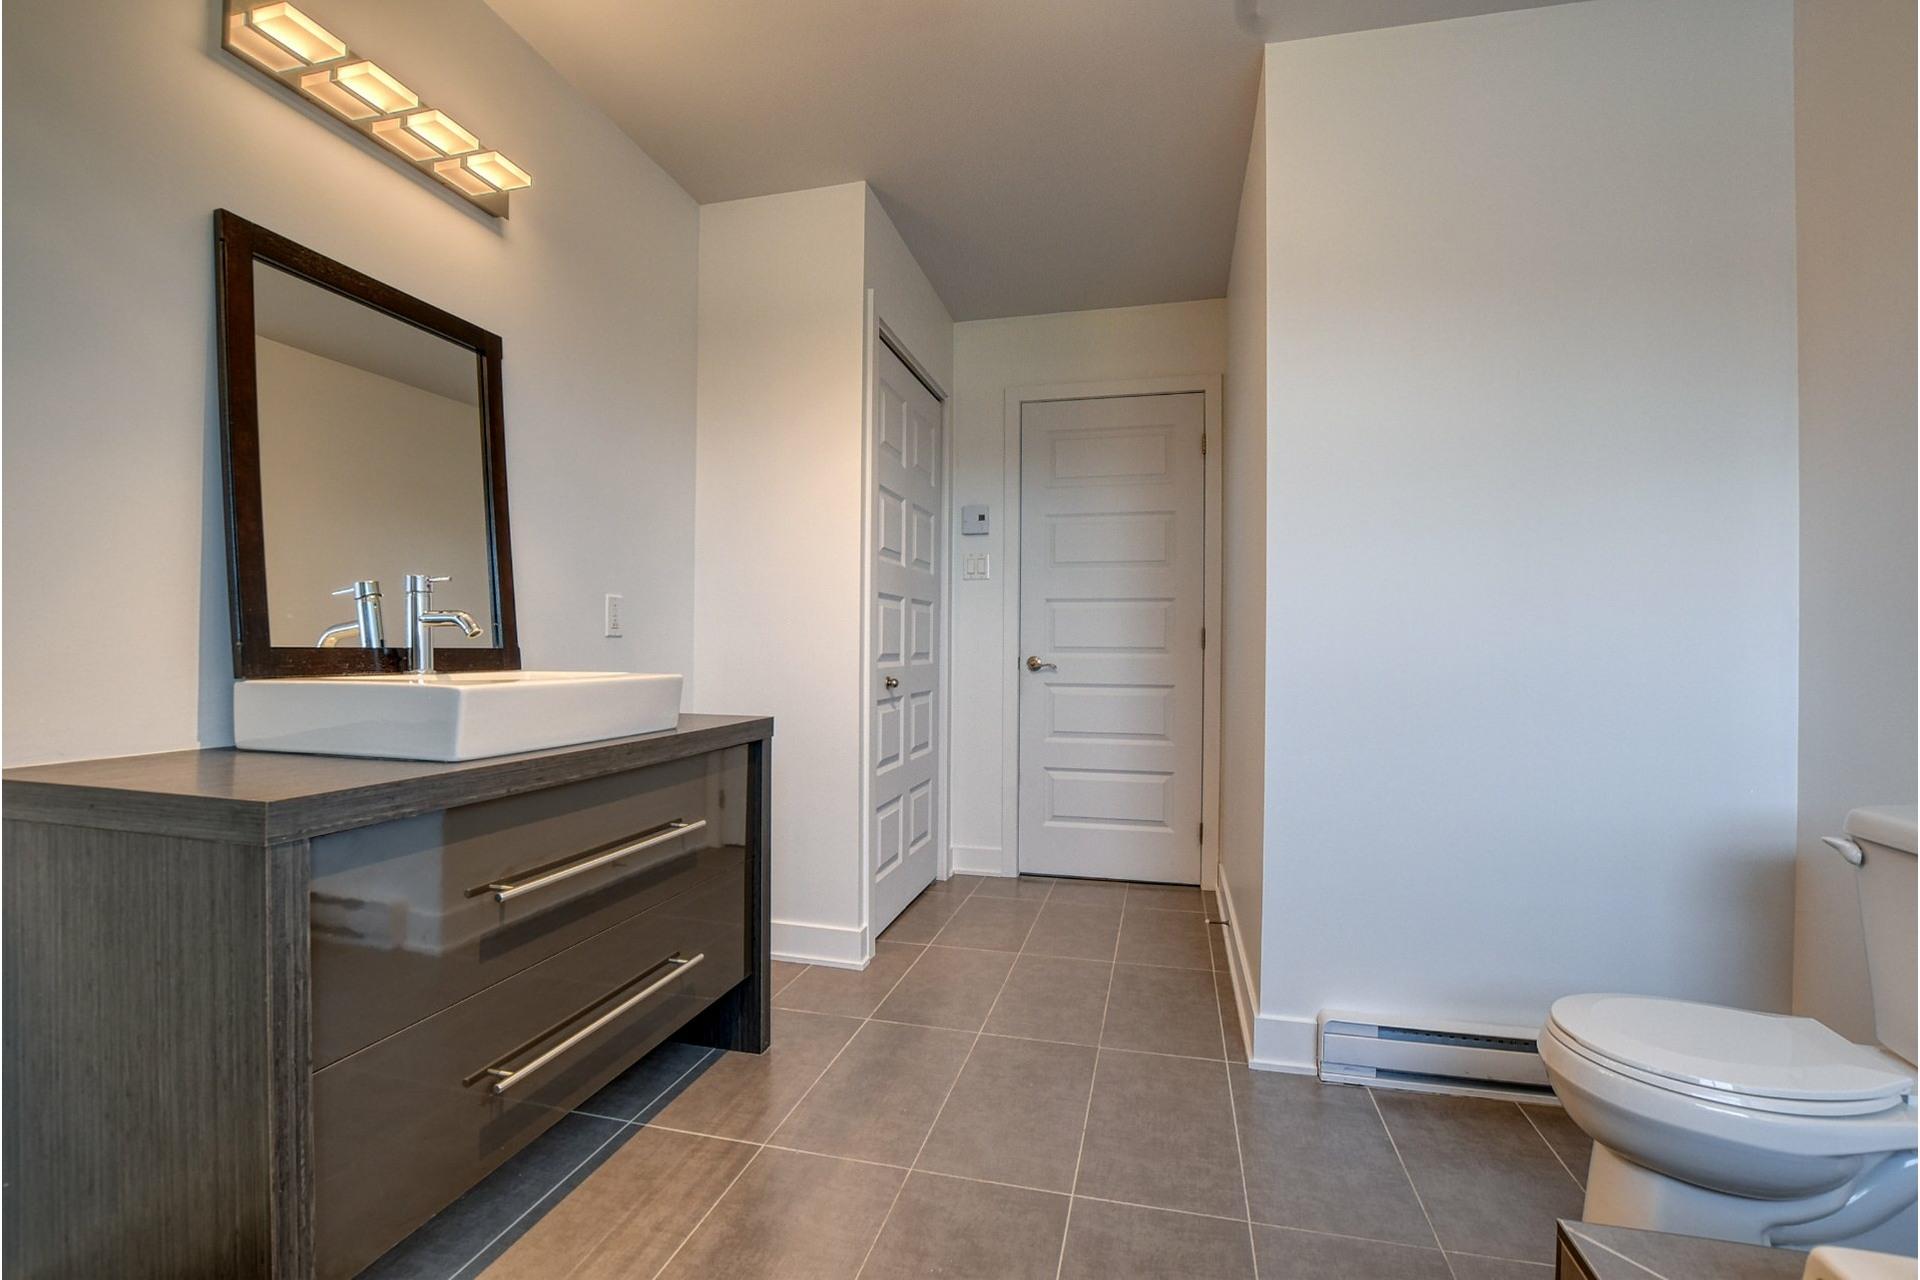 image 17 - Appartement À vendre Rivière-des-Prairies/Pointe-aux-Trembles Montréal  - 11 pièces